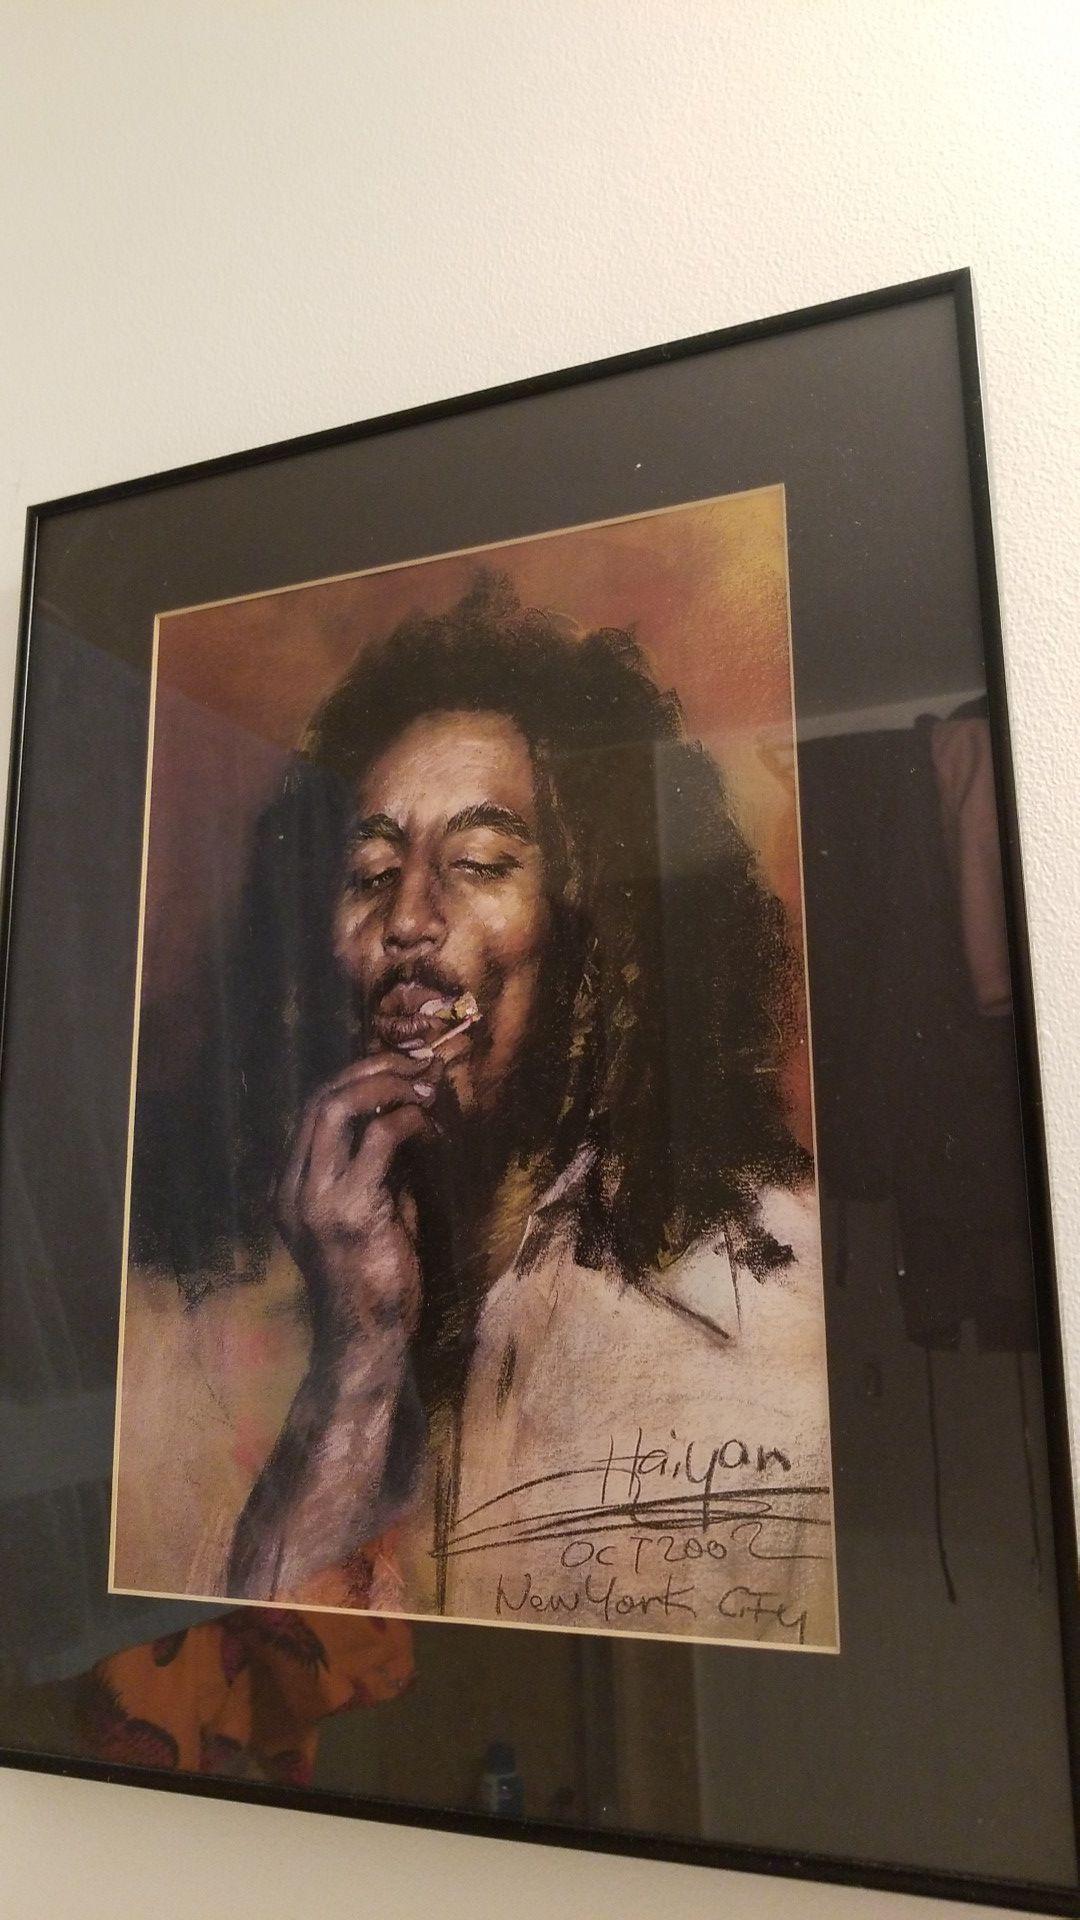 Bob Marley hand drawn in solid black frame